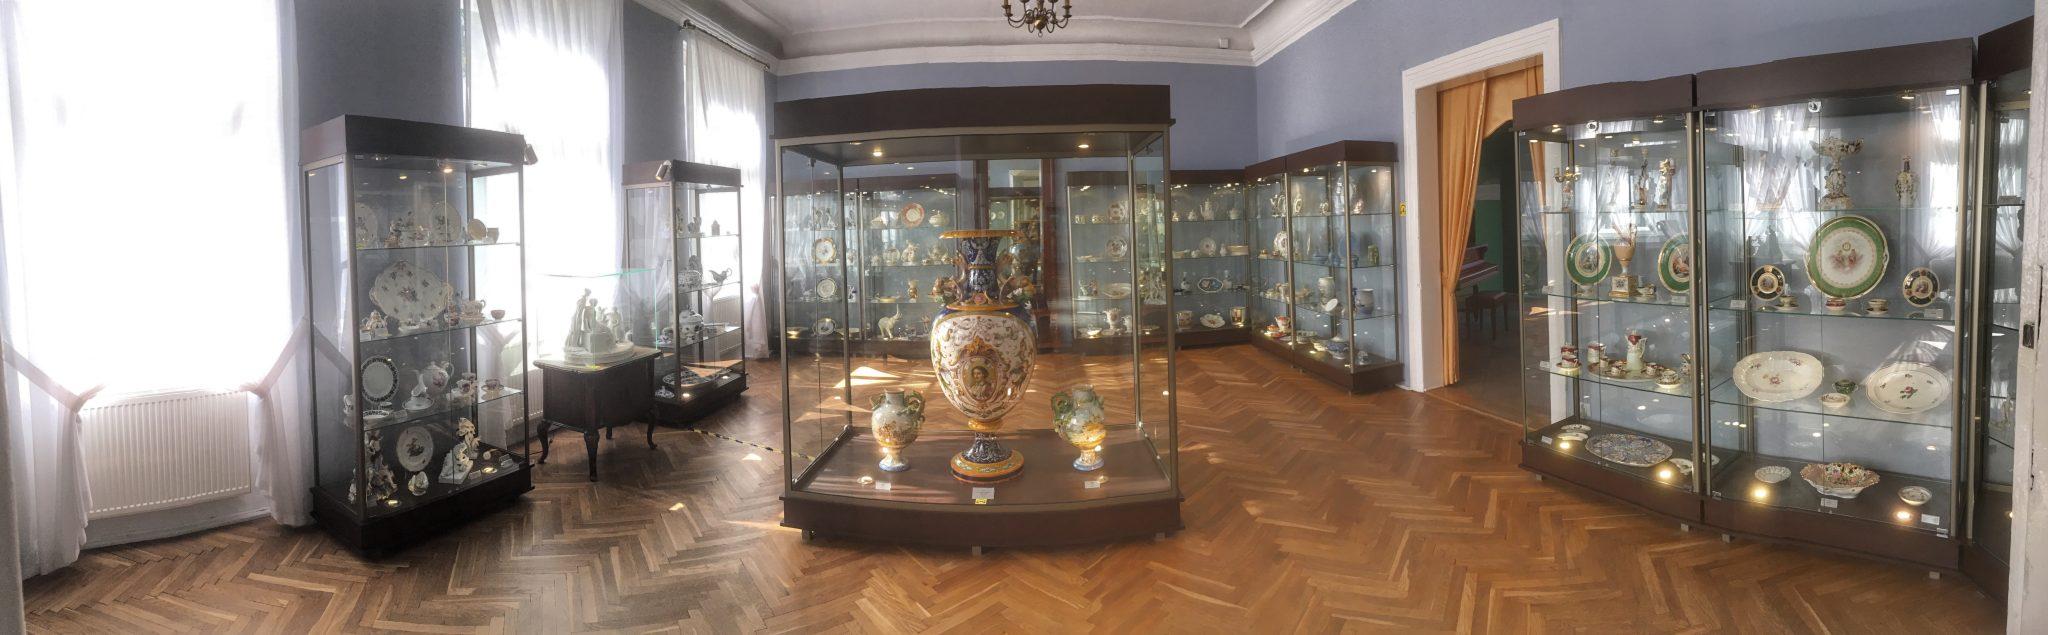 Kolekcja porcelany europejskiej